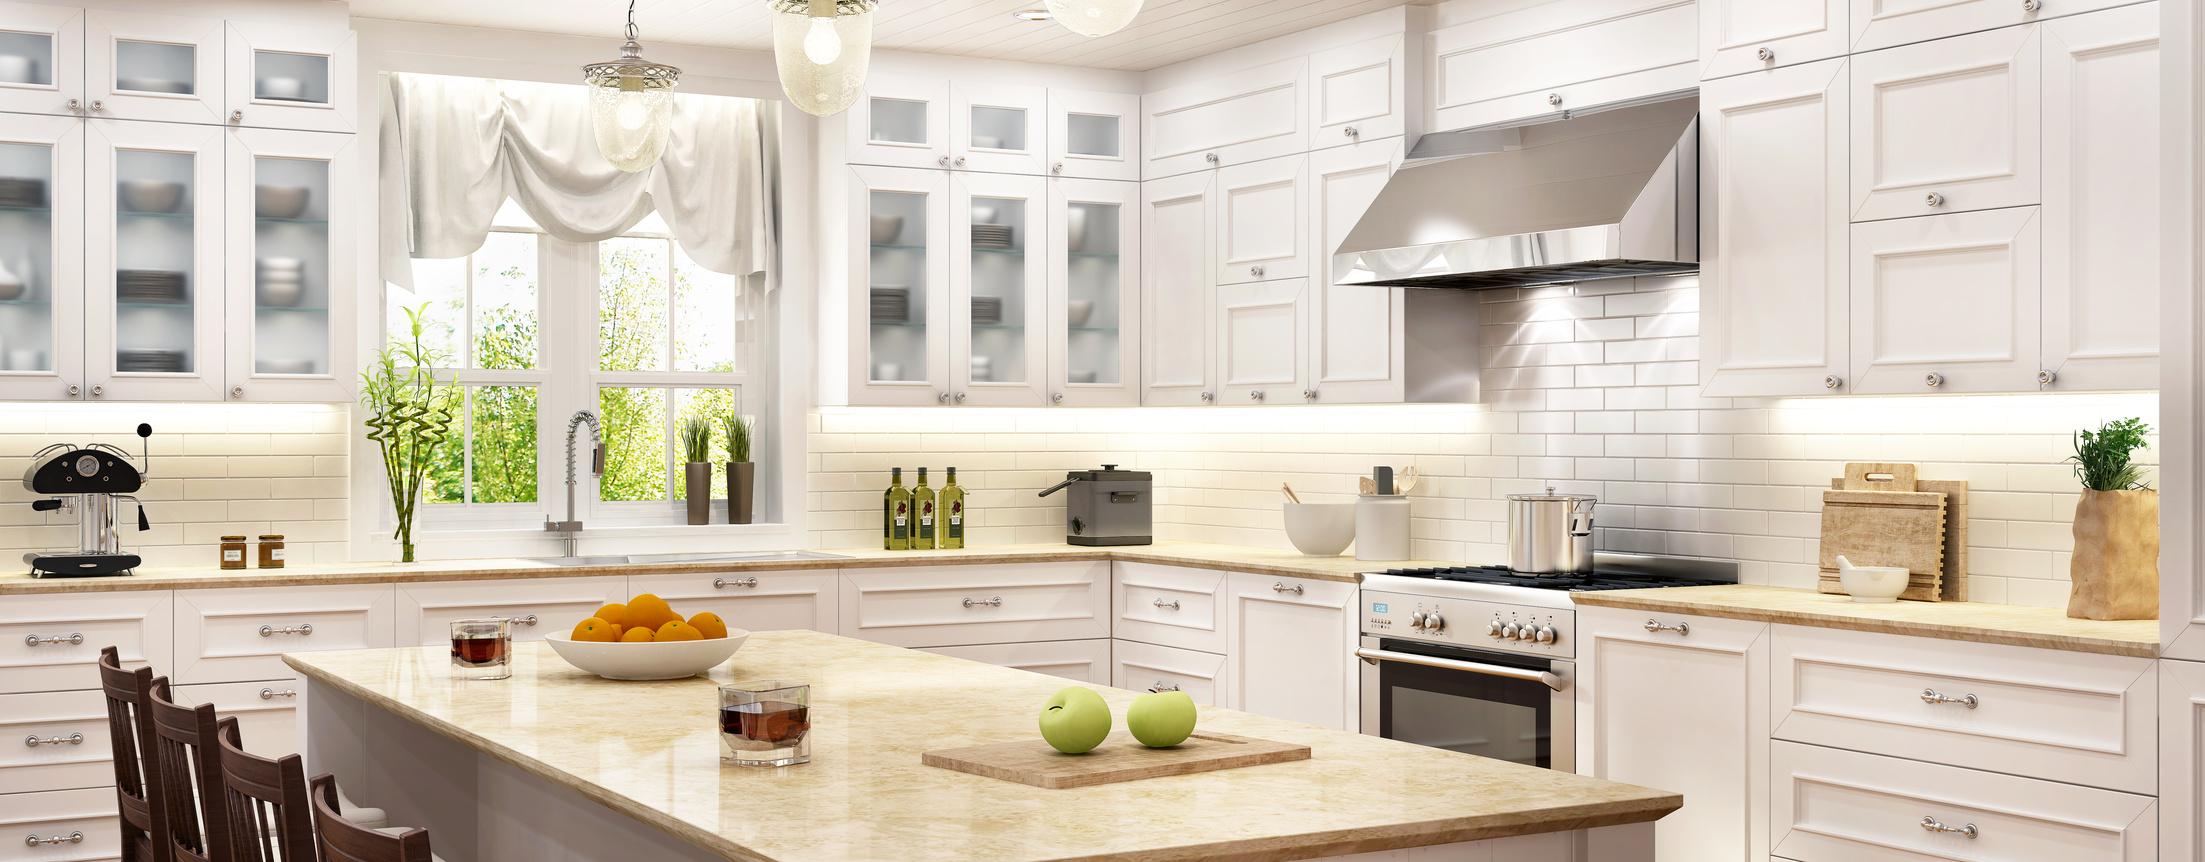 idee per rifare la cucina — idealista/news